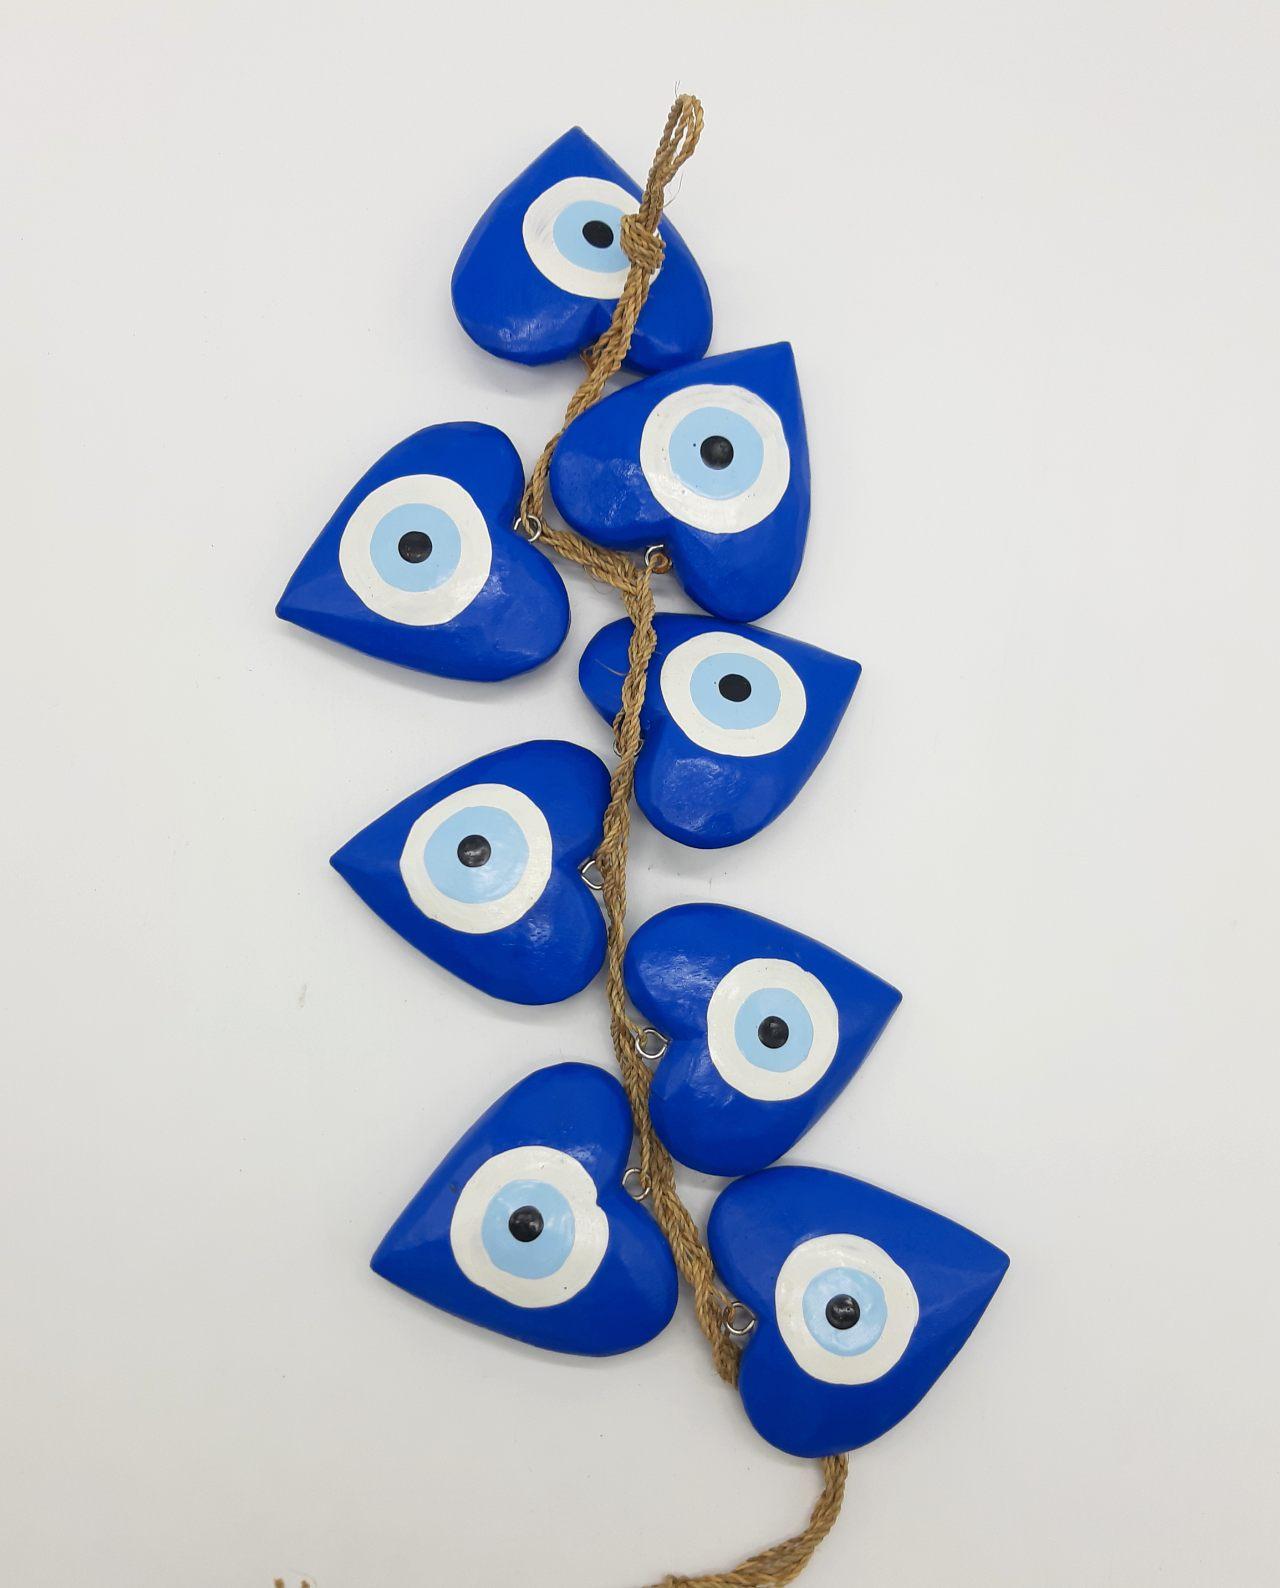 Γιρλάντα 8 καρδιές ματάκι χειροποίητες ξύλινες, μήκος 50 cm χρώμα μπλε